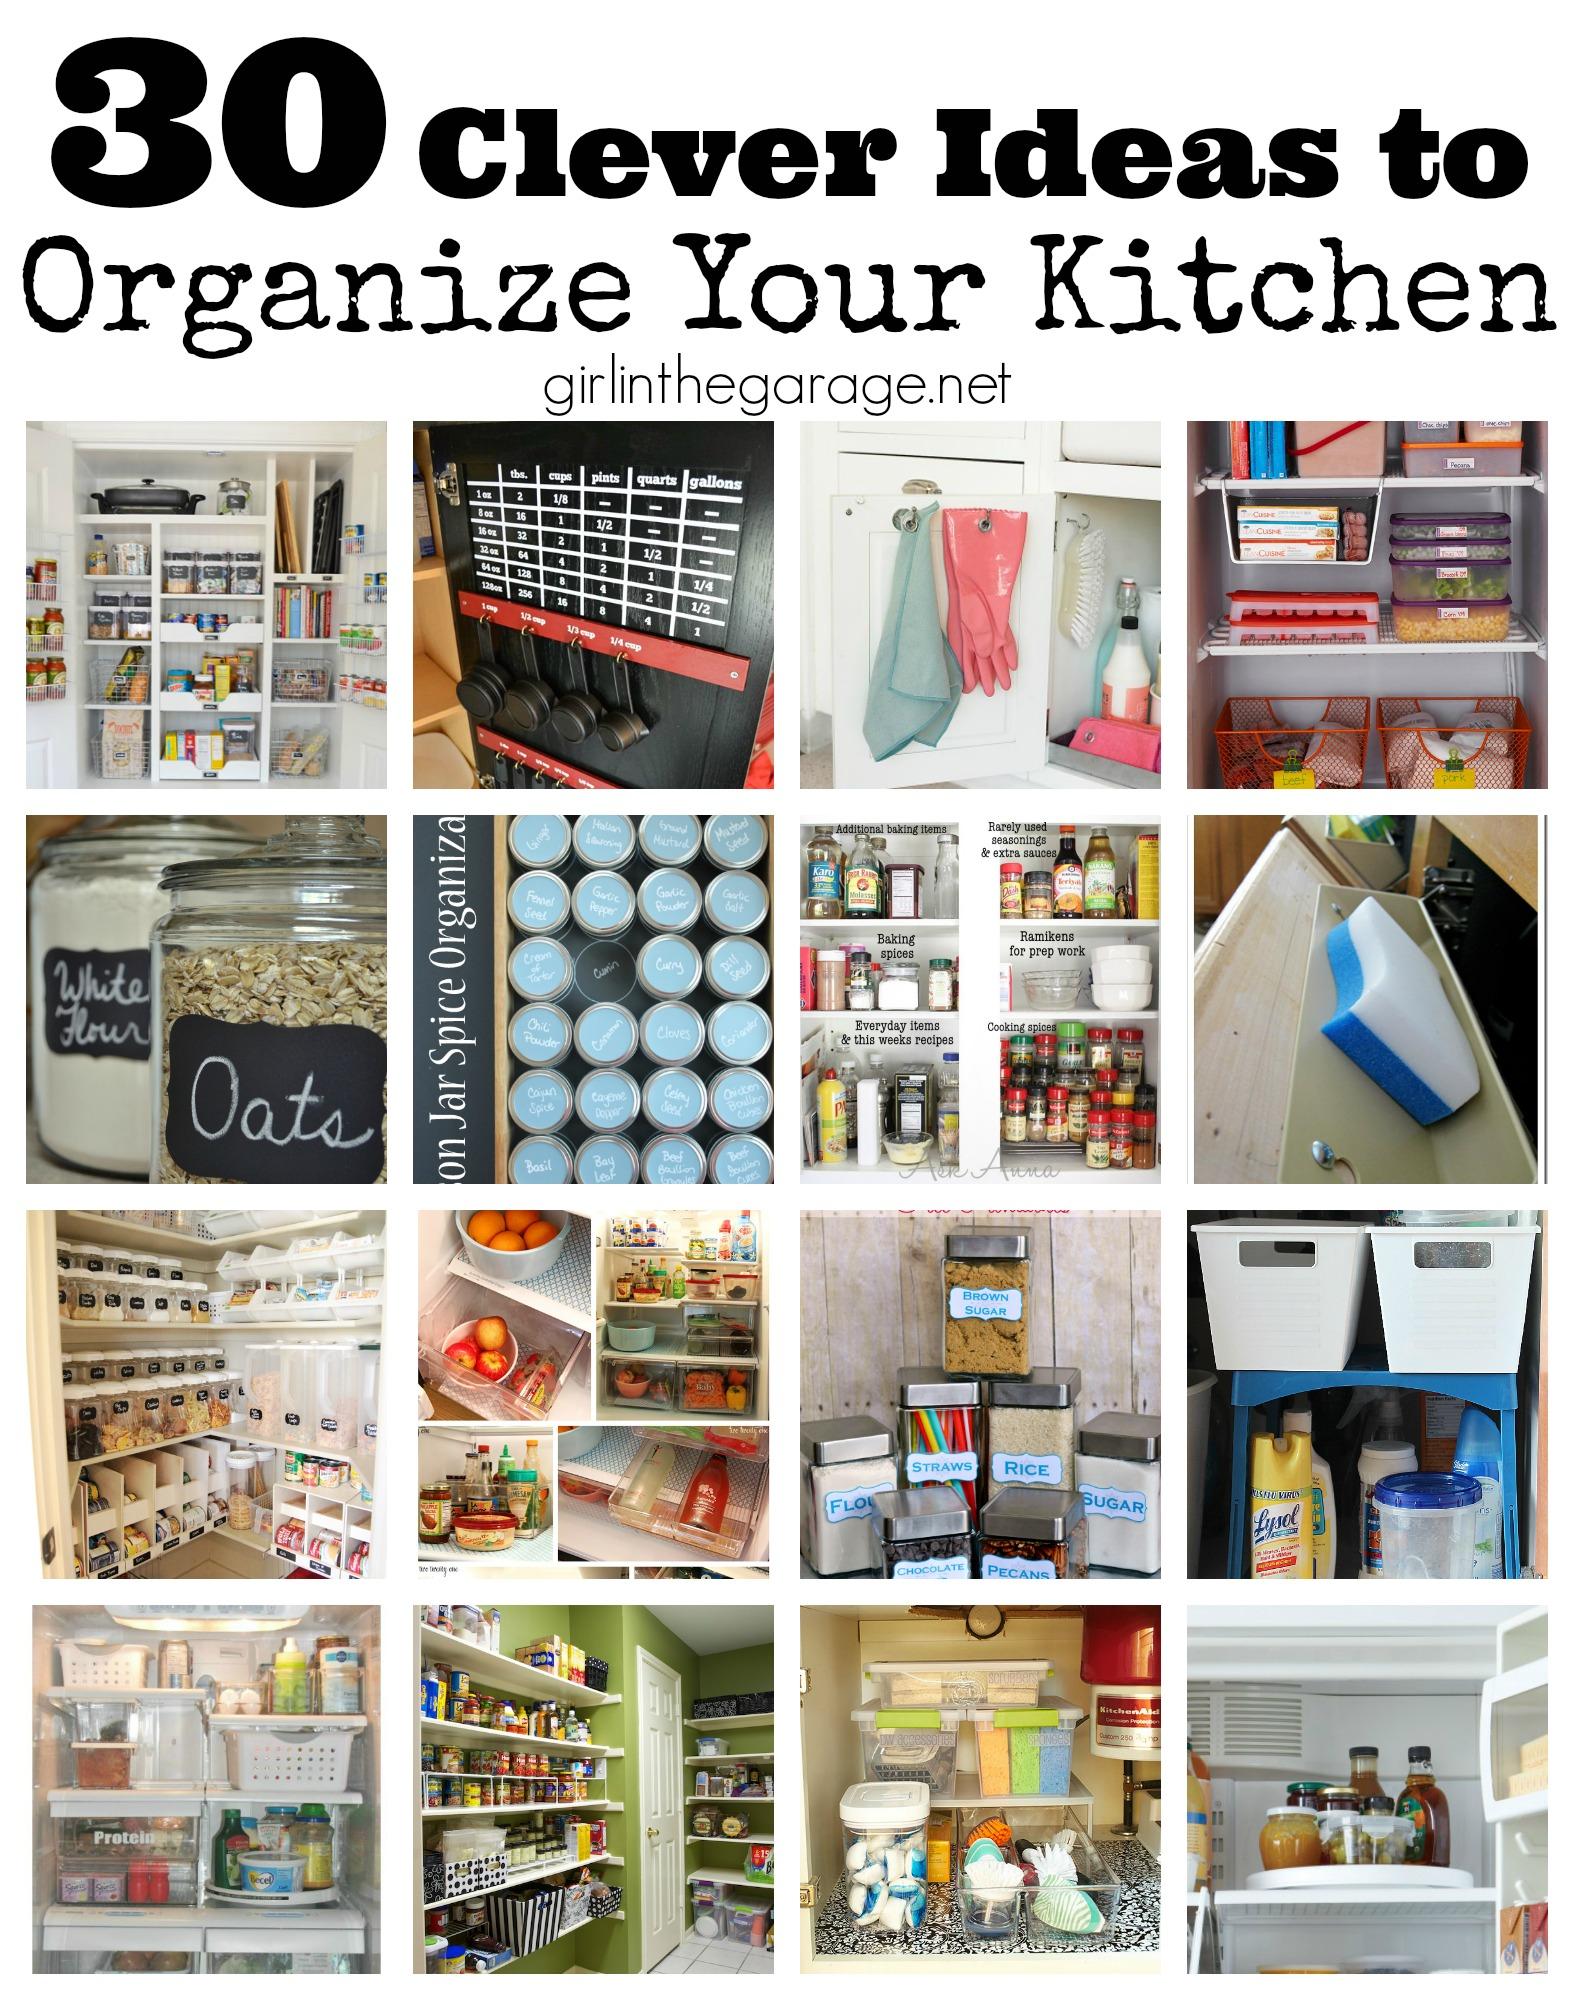 organizing a kitchen kitchen cabinet organizers organizing your kitchen cabinet organizing your kitchen cabinet organizing your kitchen cabinet